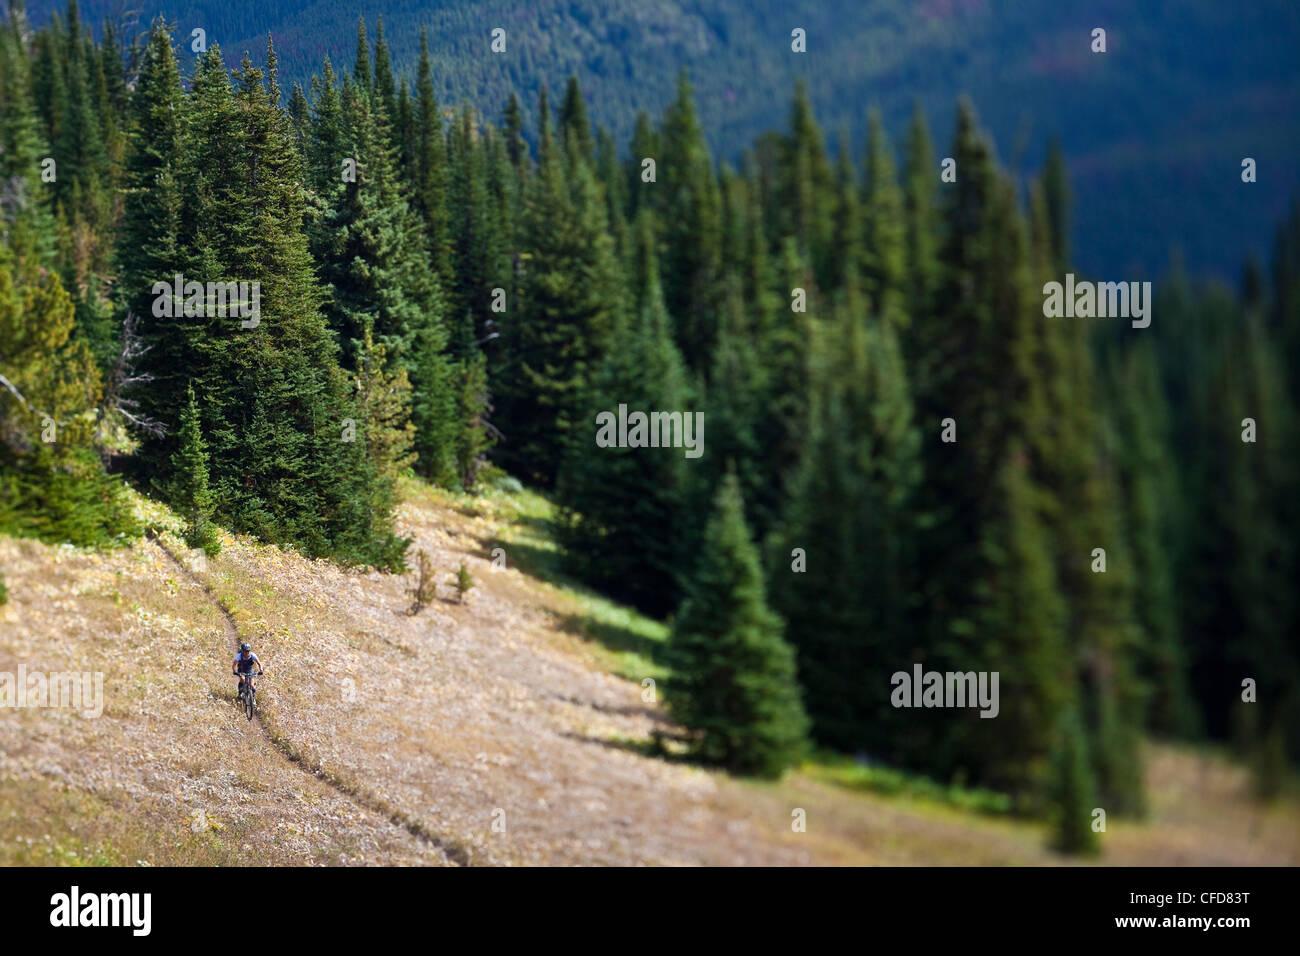 mittleren gealterten männlichen Mountainbiker fährt perfekt Stockfoto